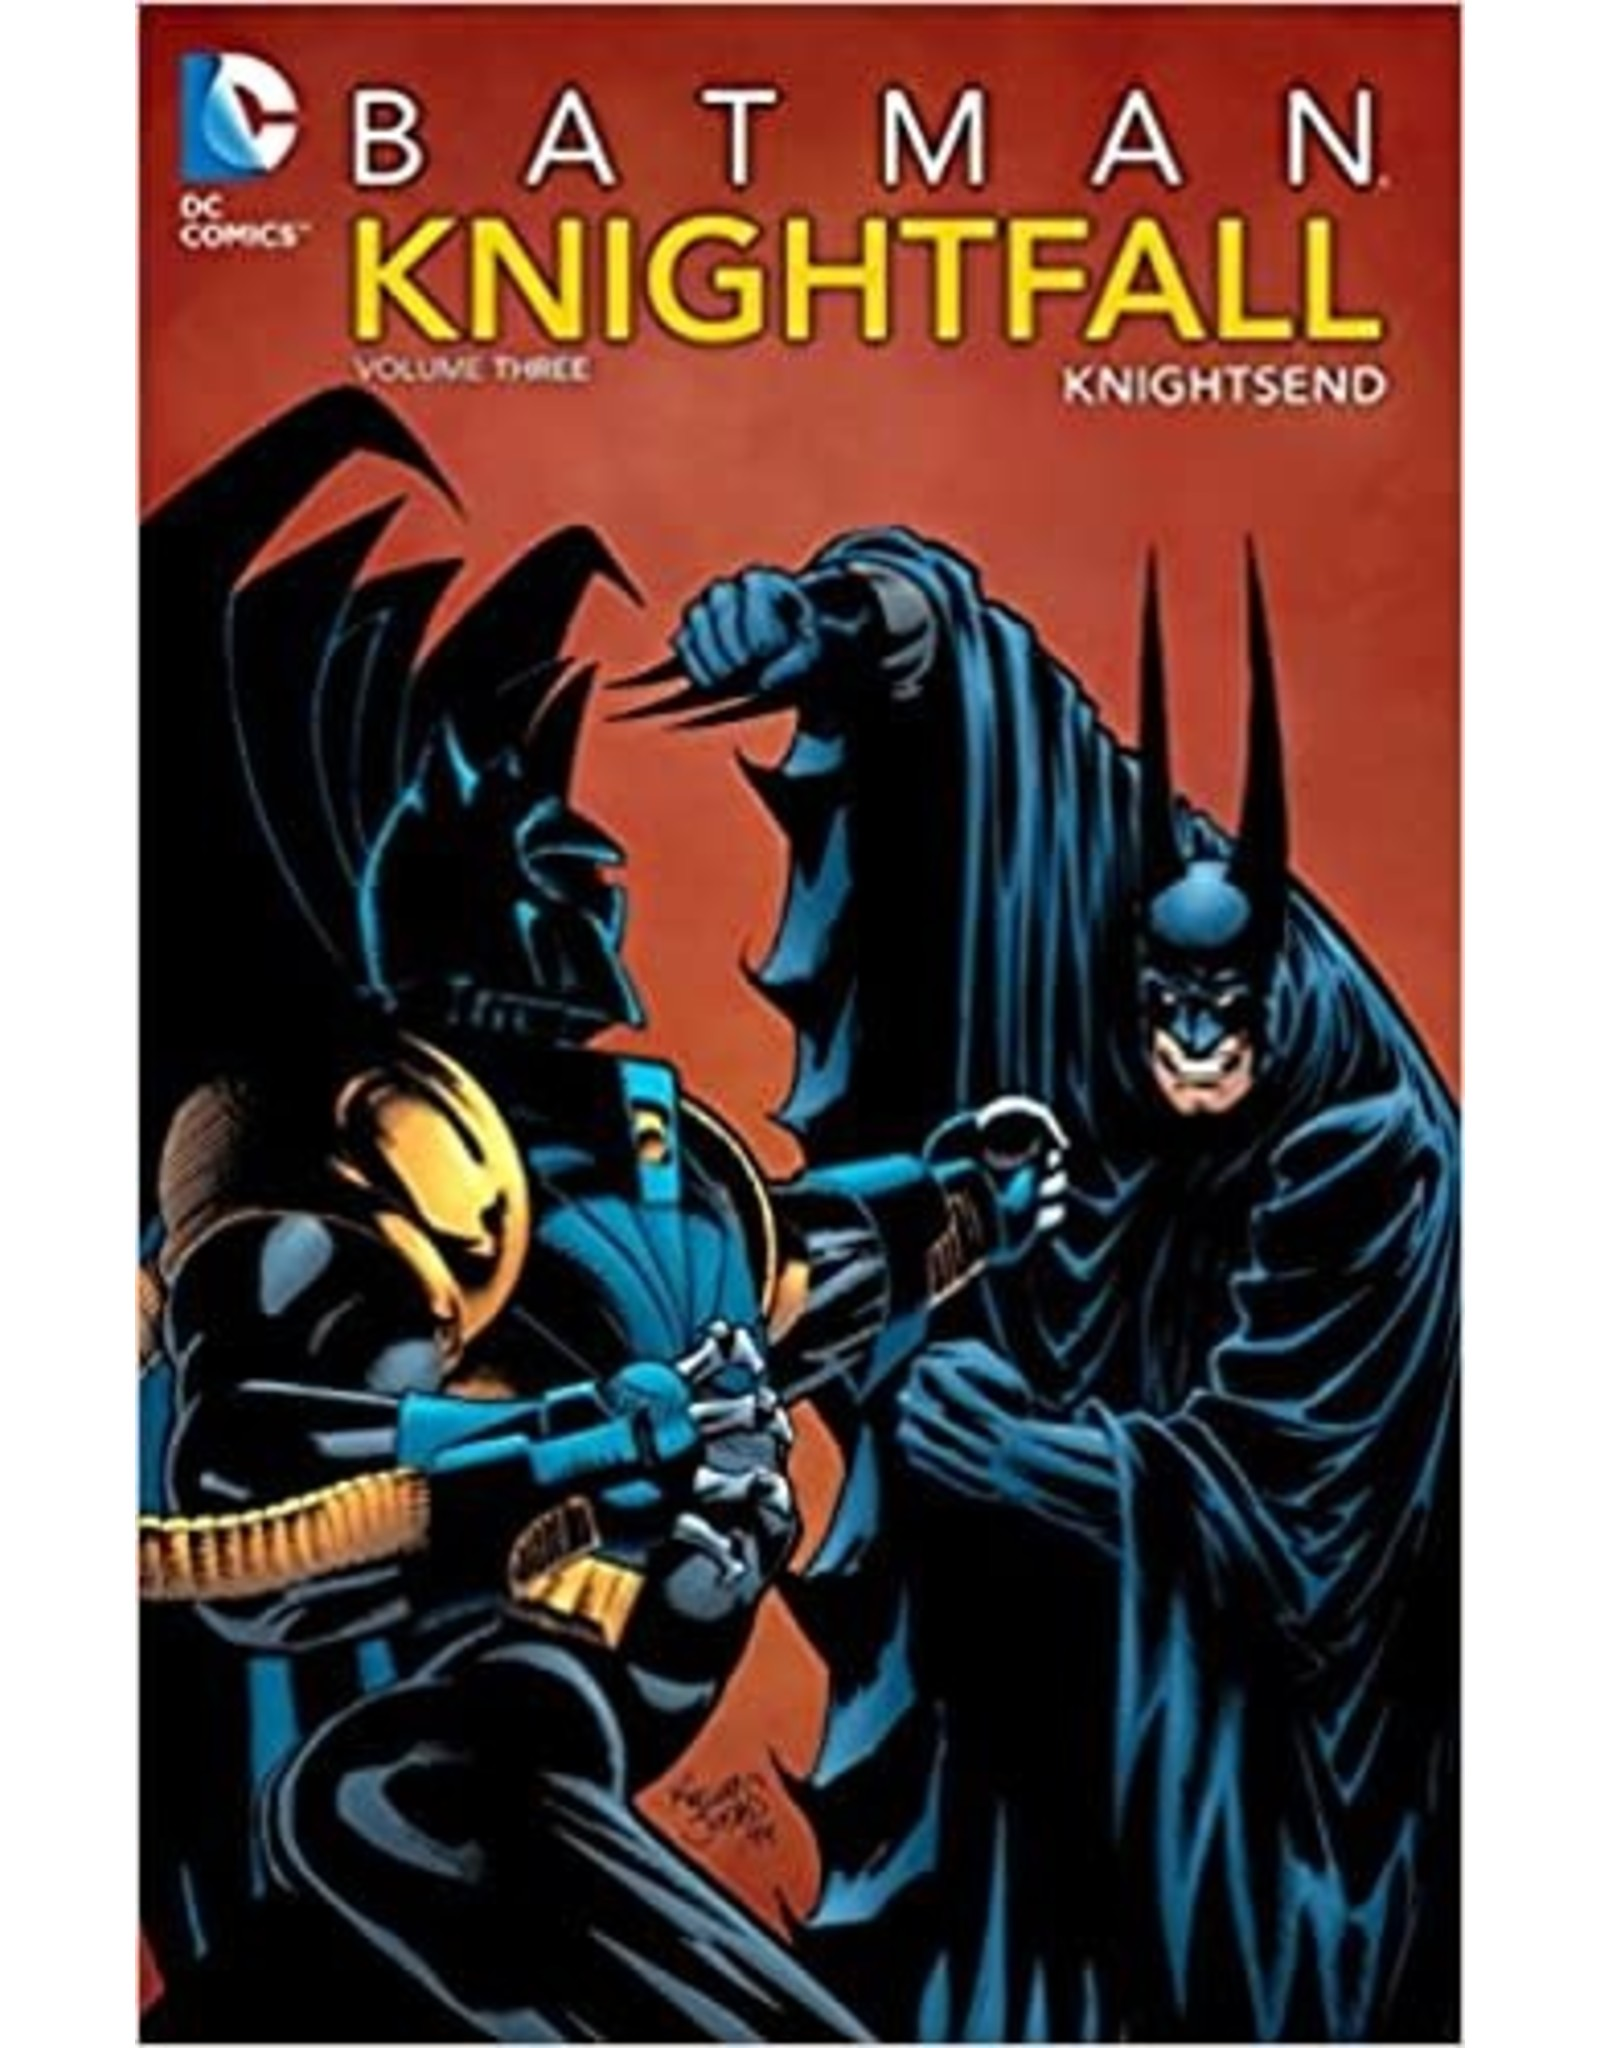 DC COMICS BATMAN KNIGHTFALL TP NEW ED VOL 03 KNIGHTSEND